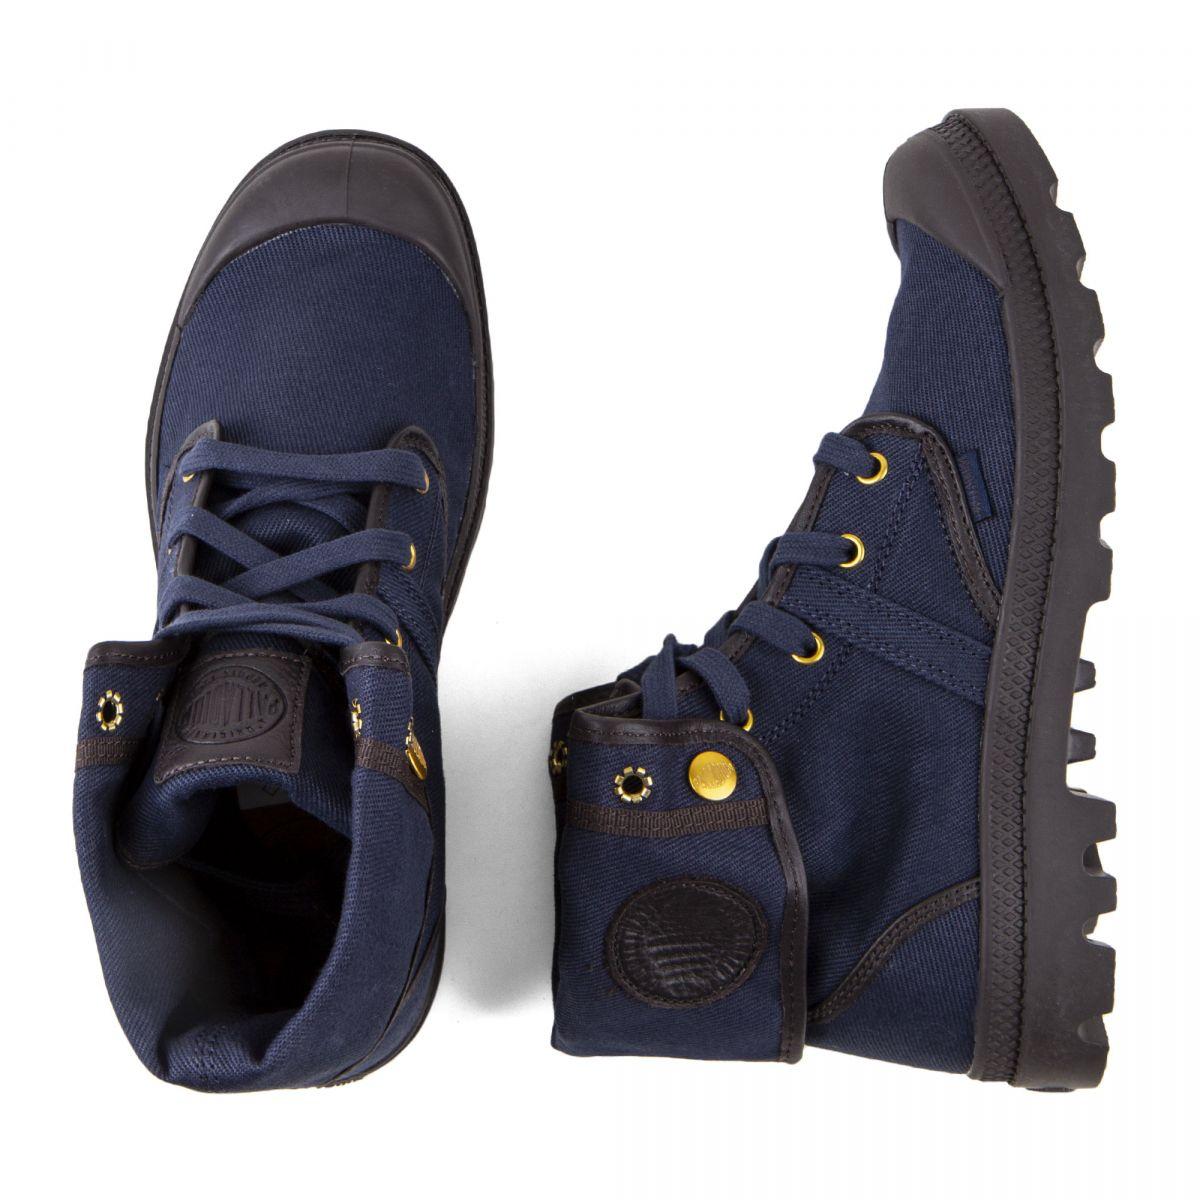 Boots montantes en toile bleu marine Homme Pallabrouse Baggy